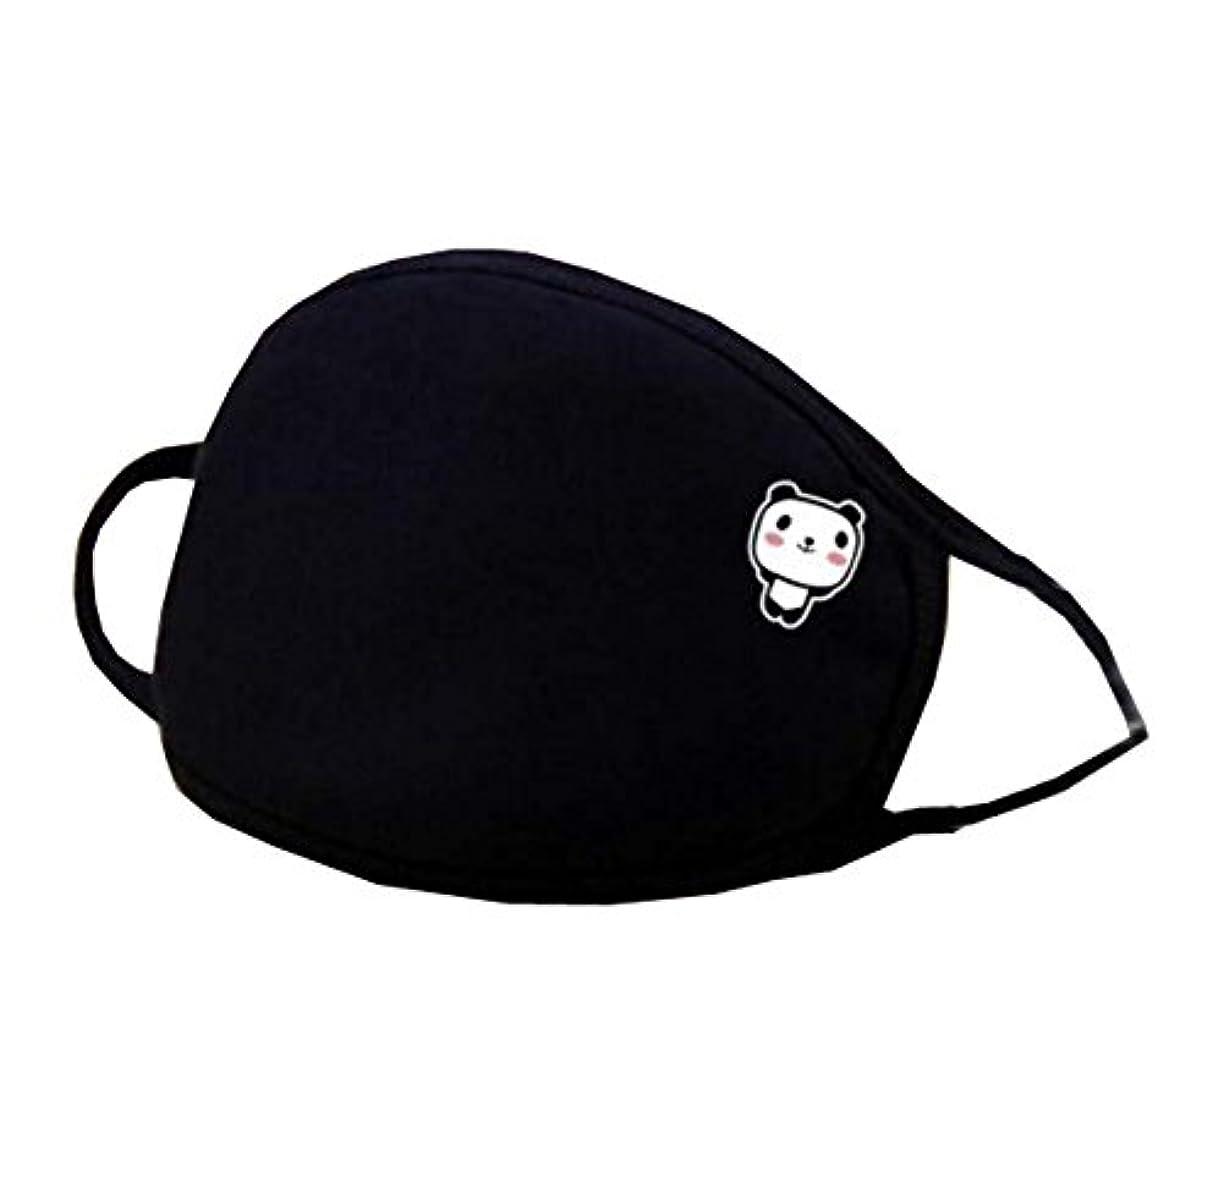 おとなしい錆び思い出させる口腔マスク、ユニセックスマスク男性用防塵コットンフェイスマスク(2個)、A2